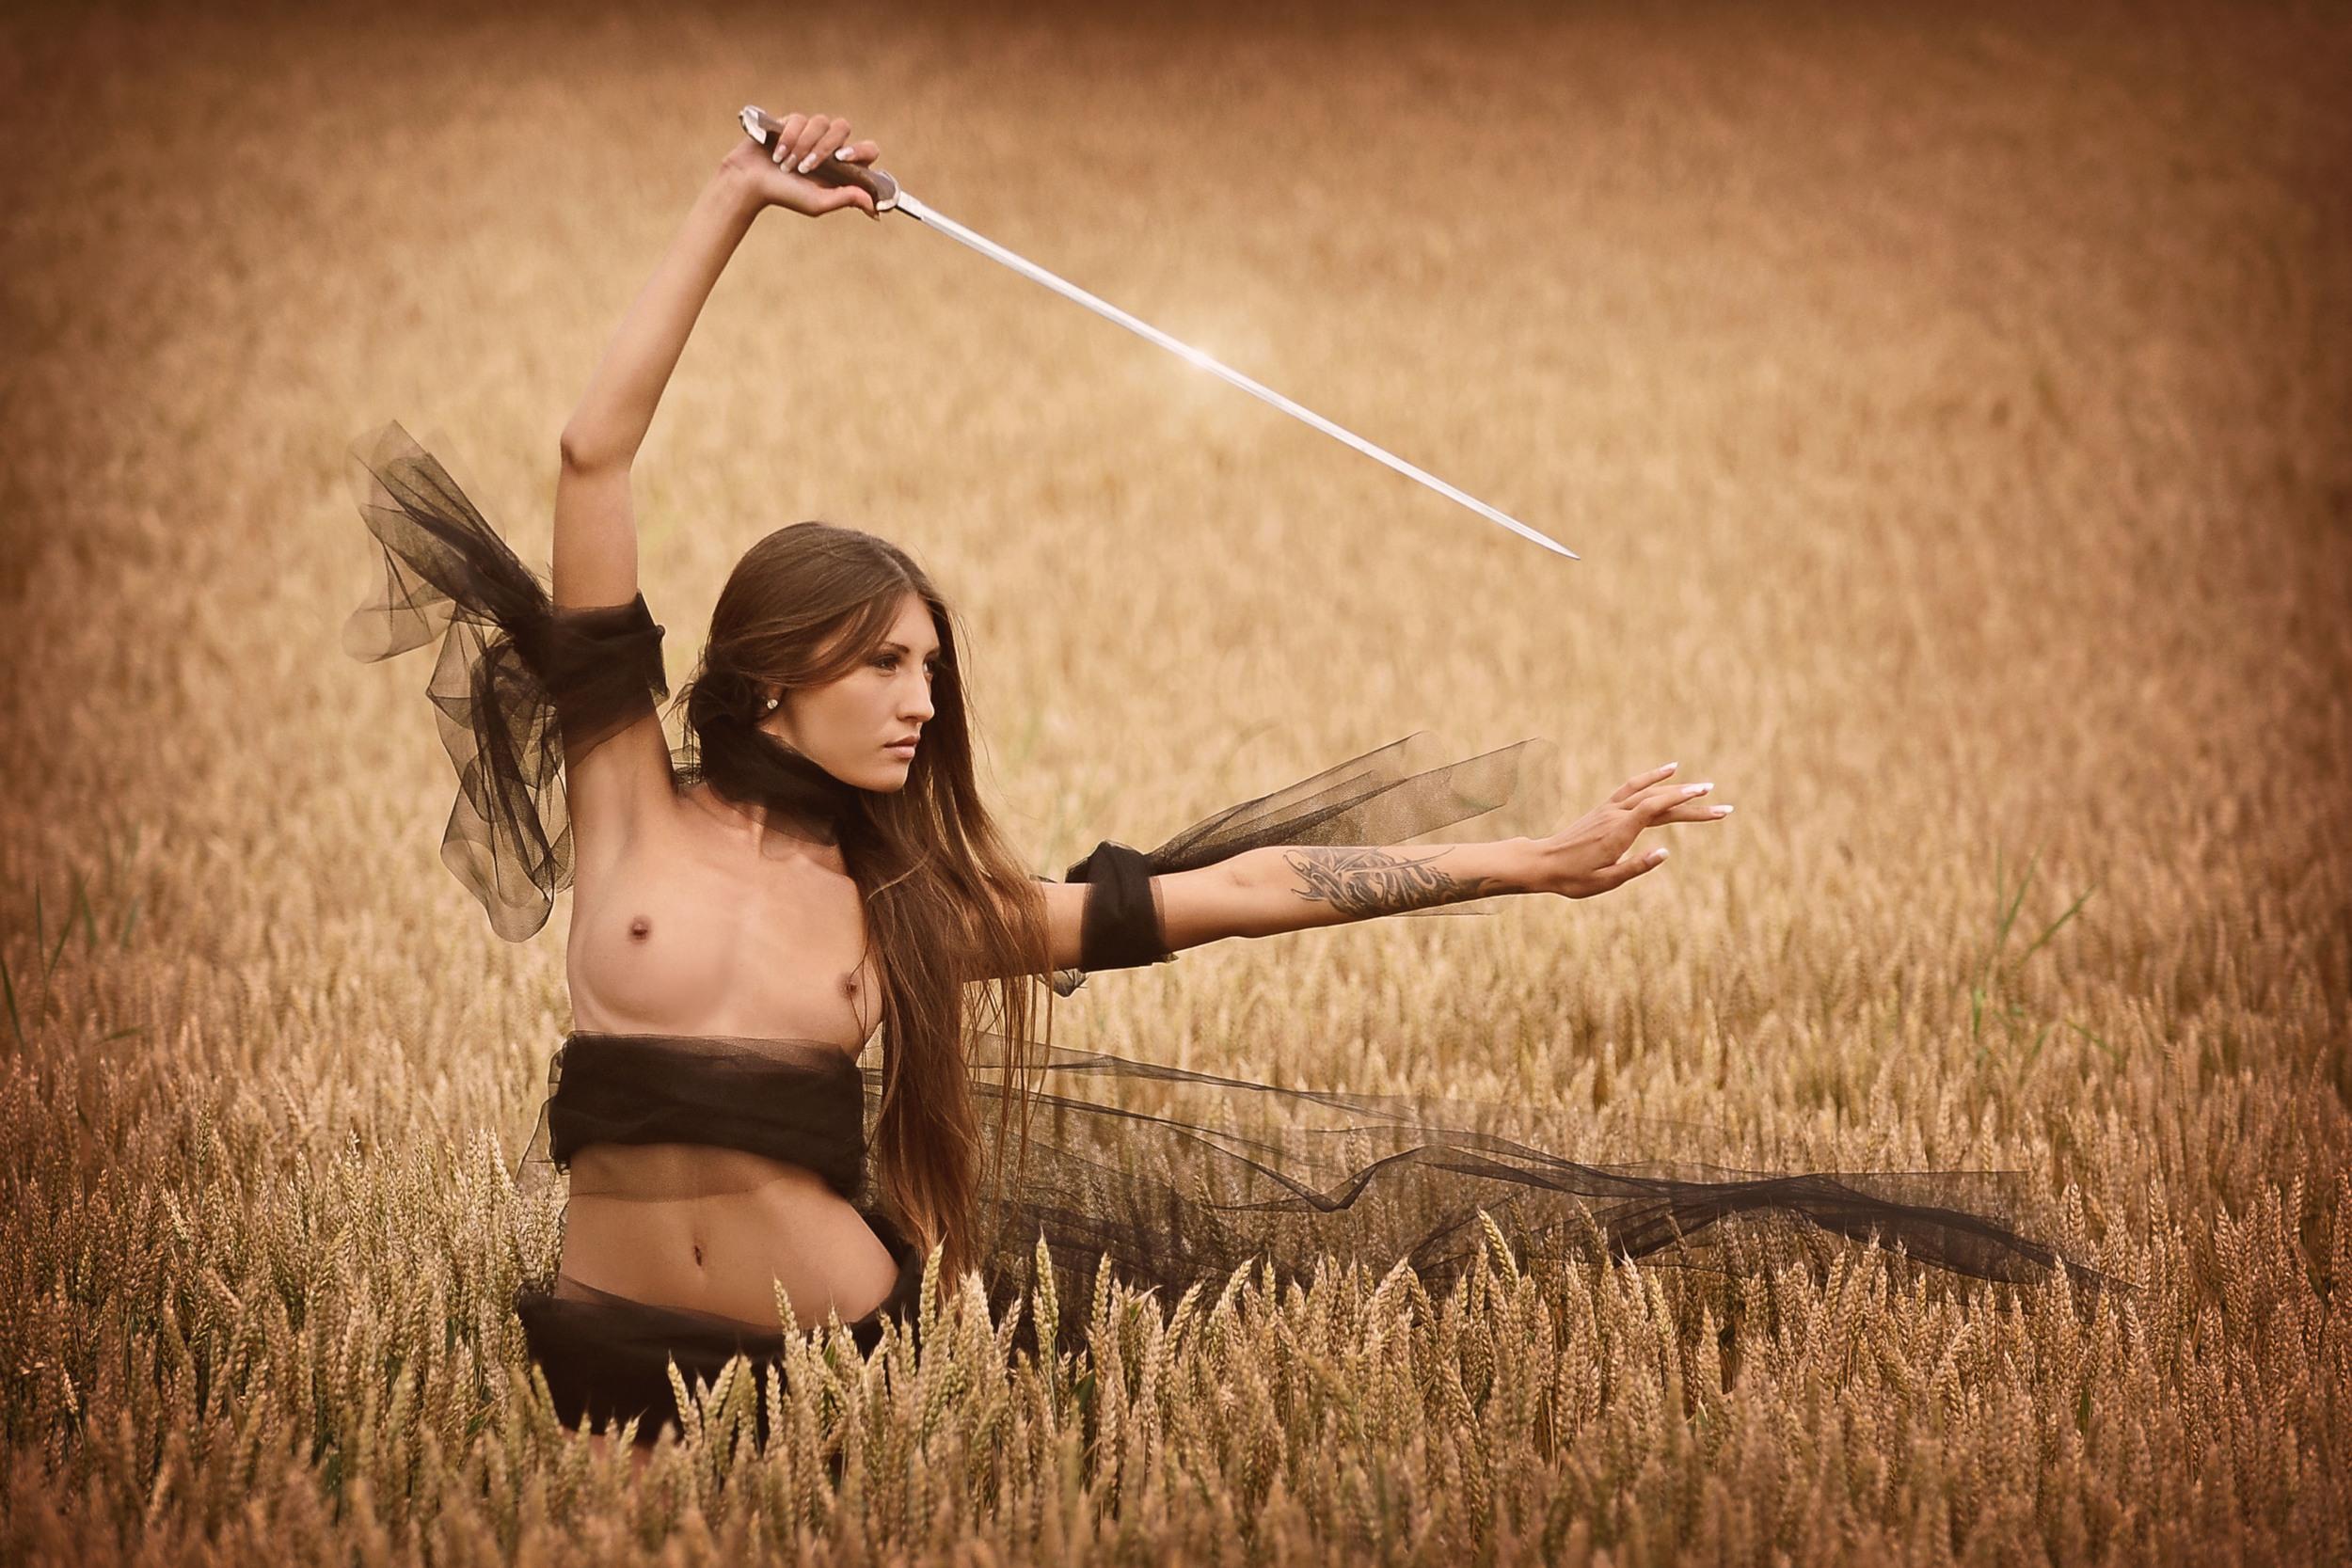 Aleksandra-Yun-Saju-by-Daniel-Fehr-Artof-Dan-Samurai-I-5